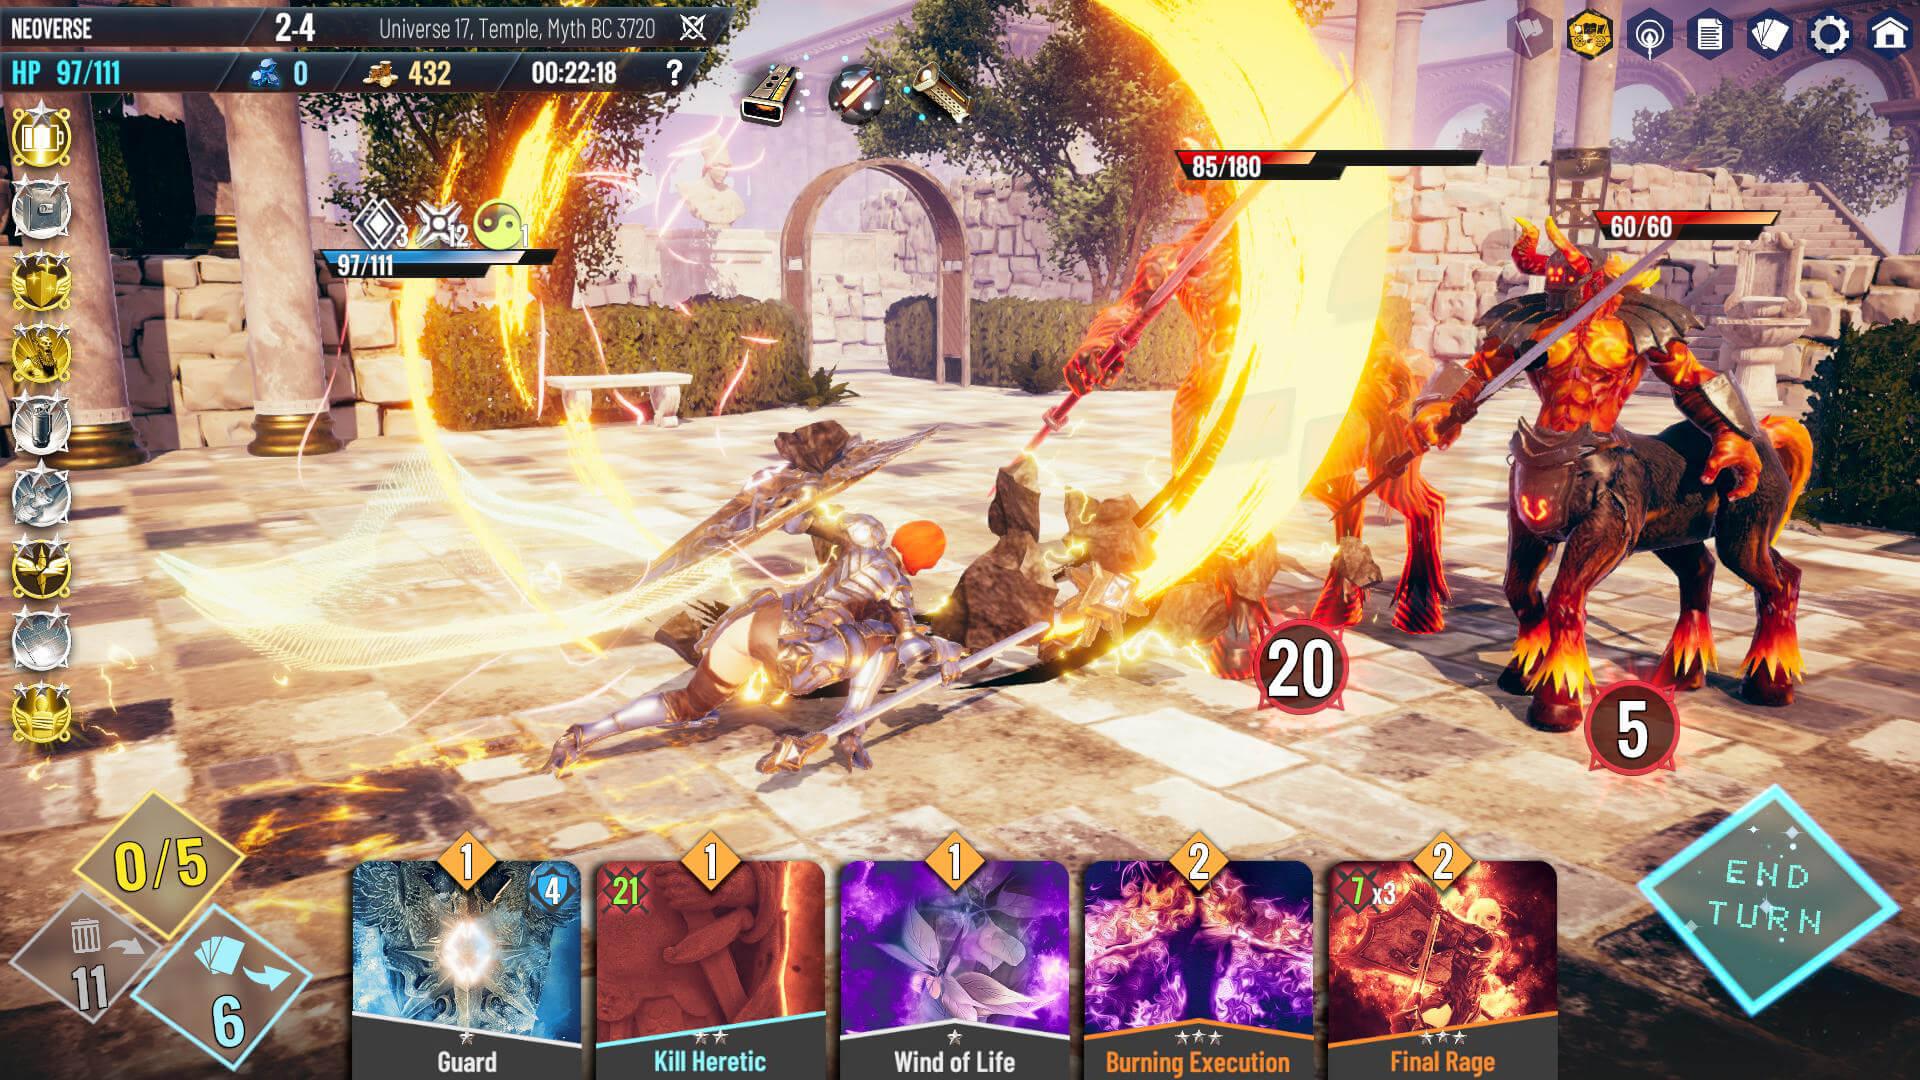 Скриншот из игры NEOVERSE